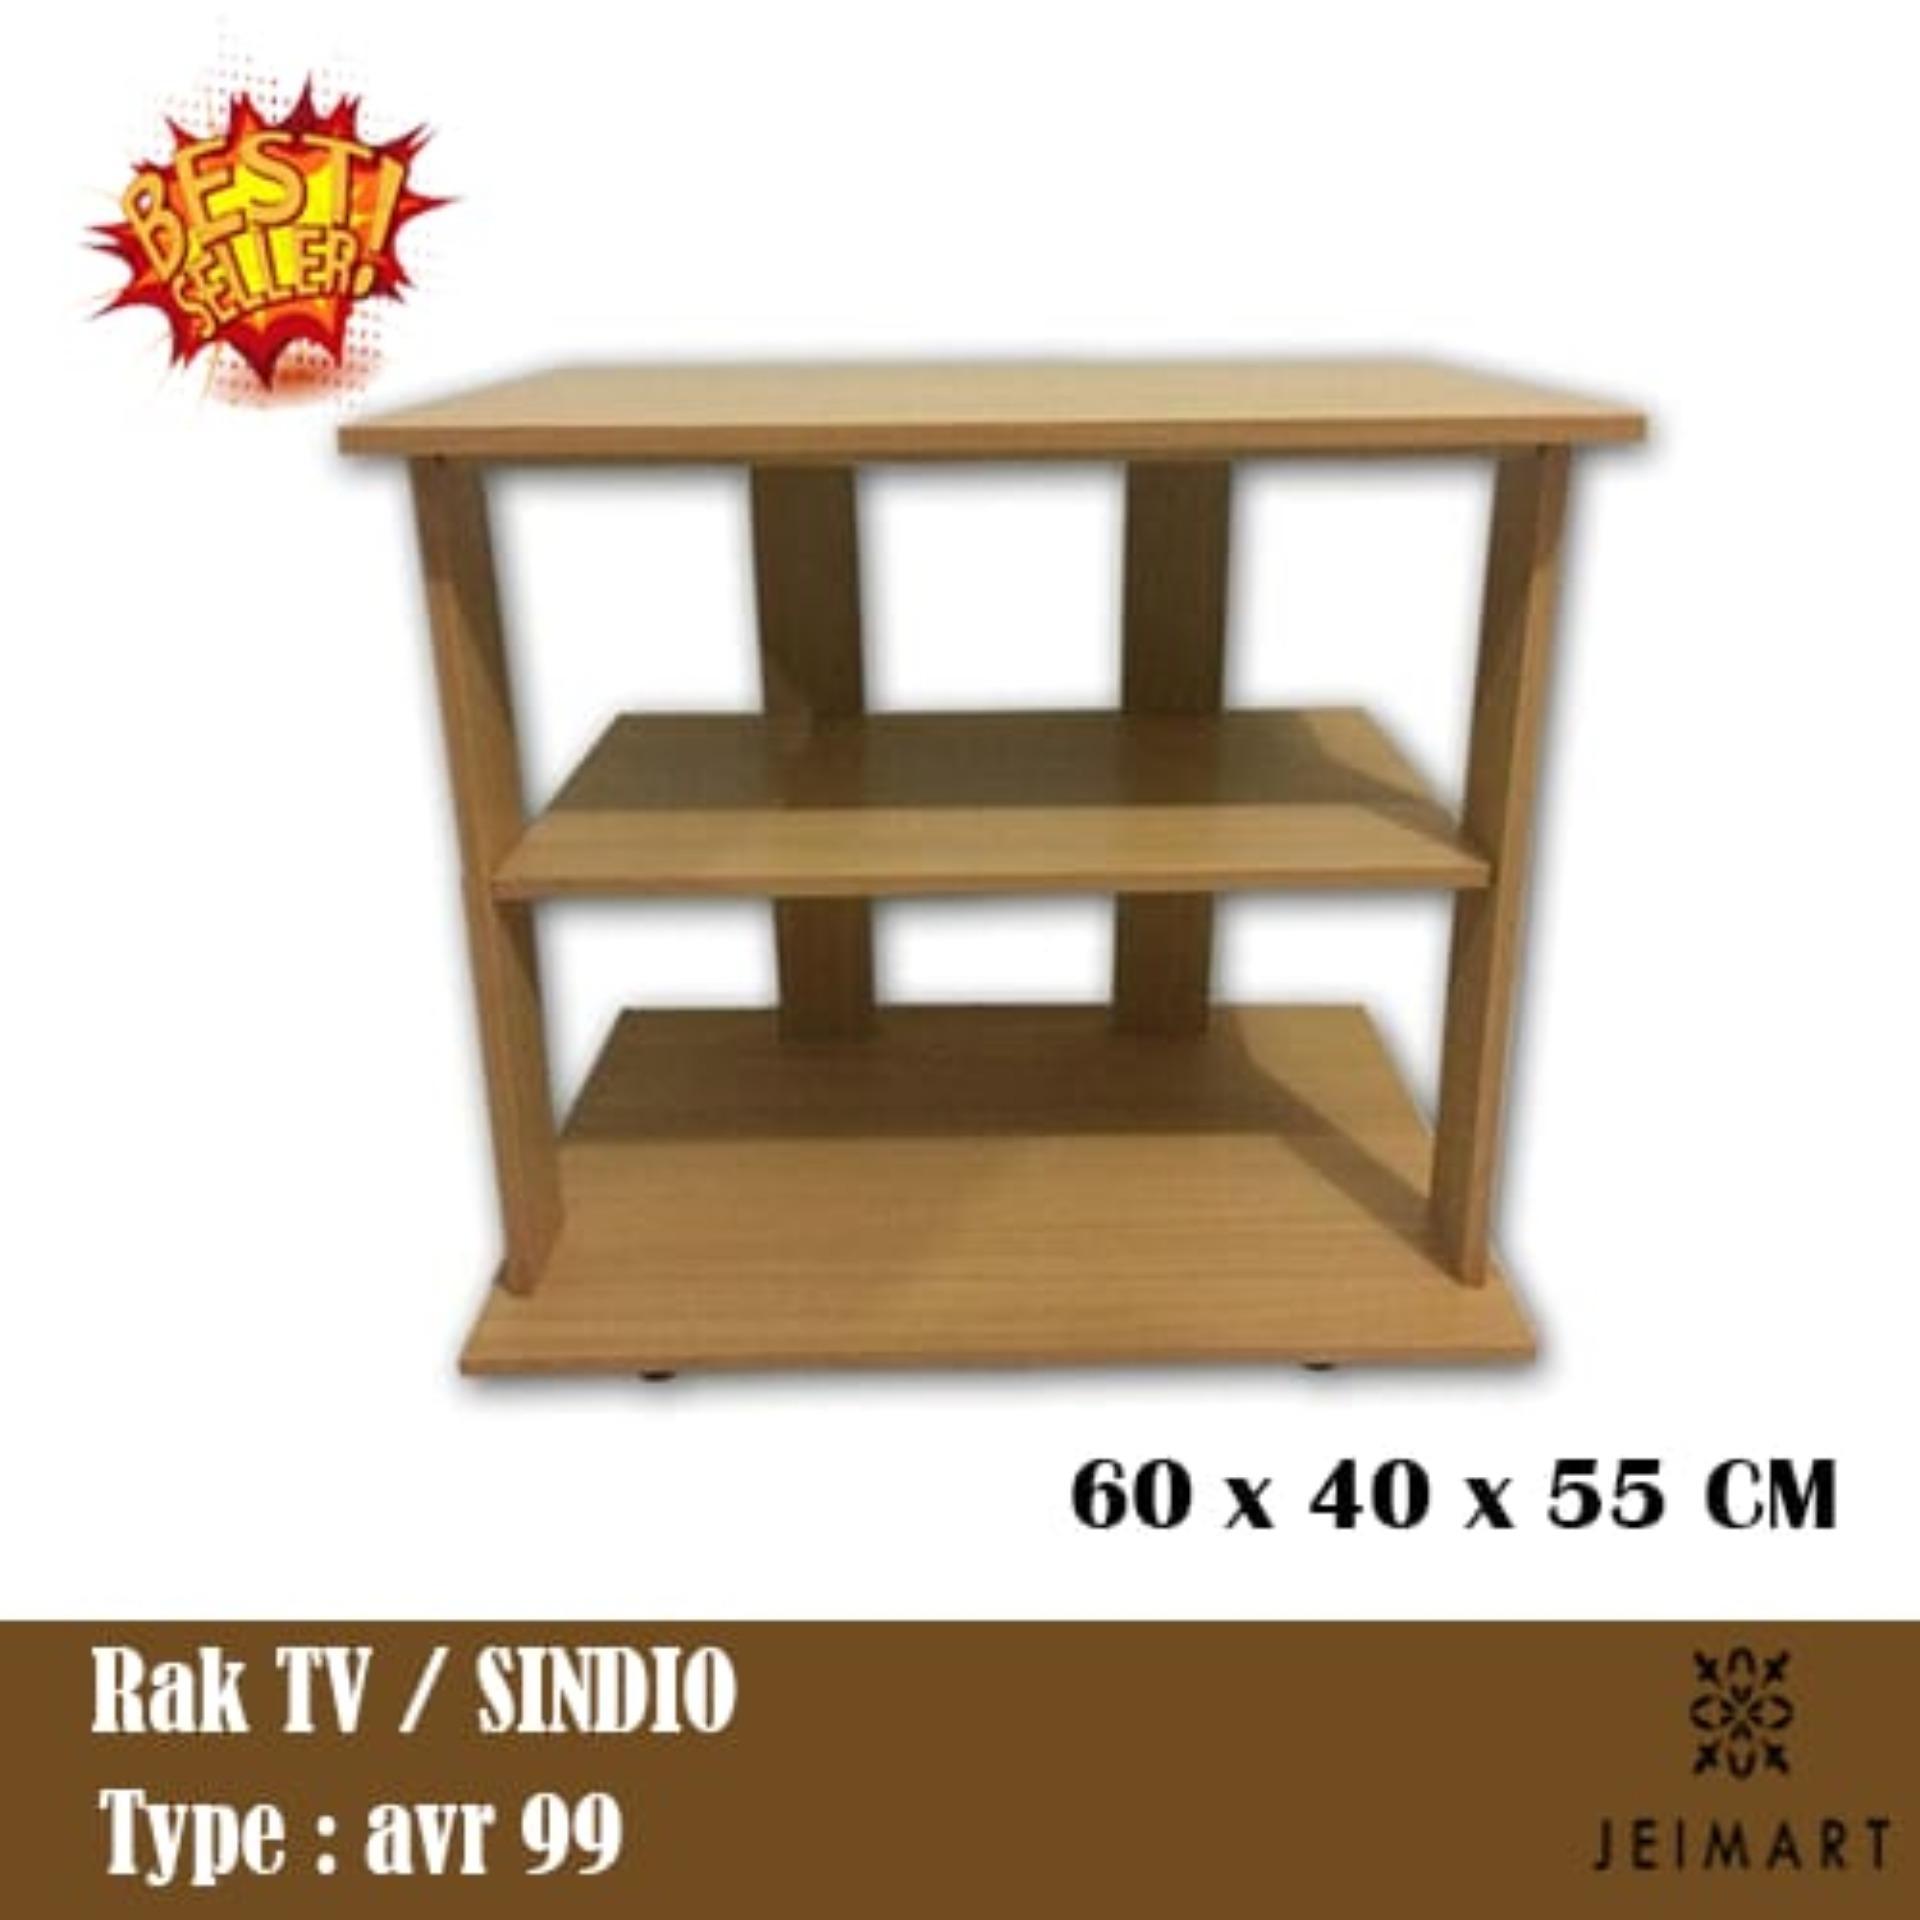 Meja Tv Mini Murah Meriah Avr99 By Jeimart Furniture Store.